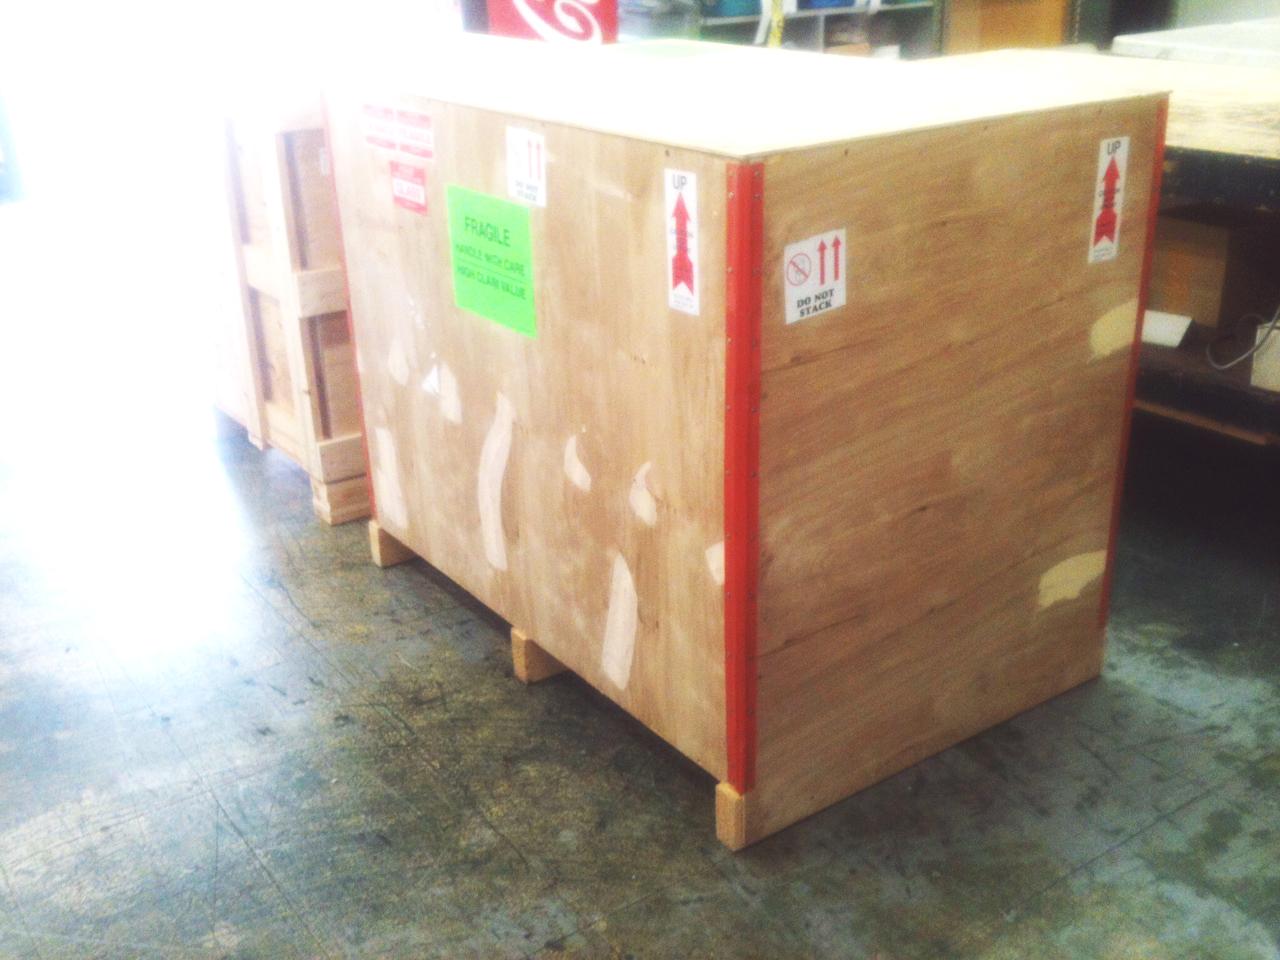 crates_again_again.jpg